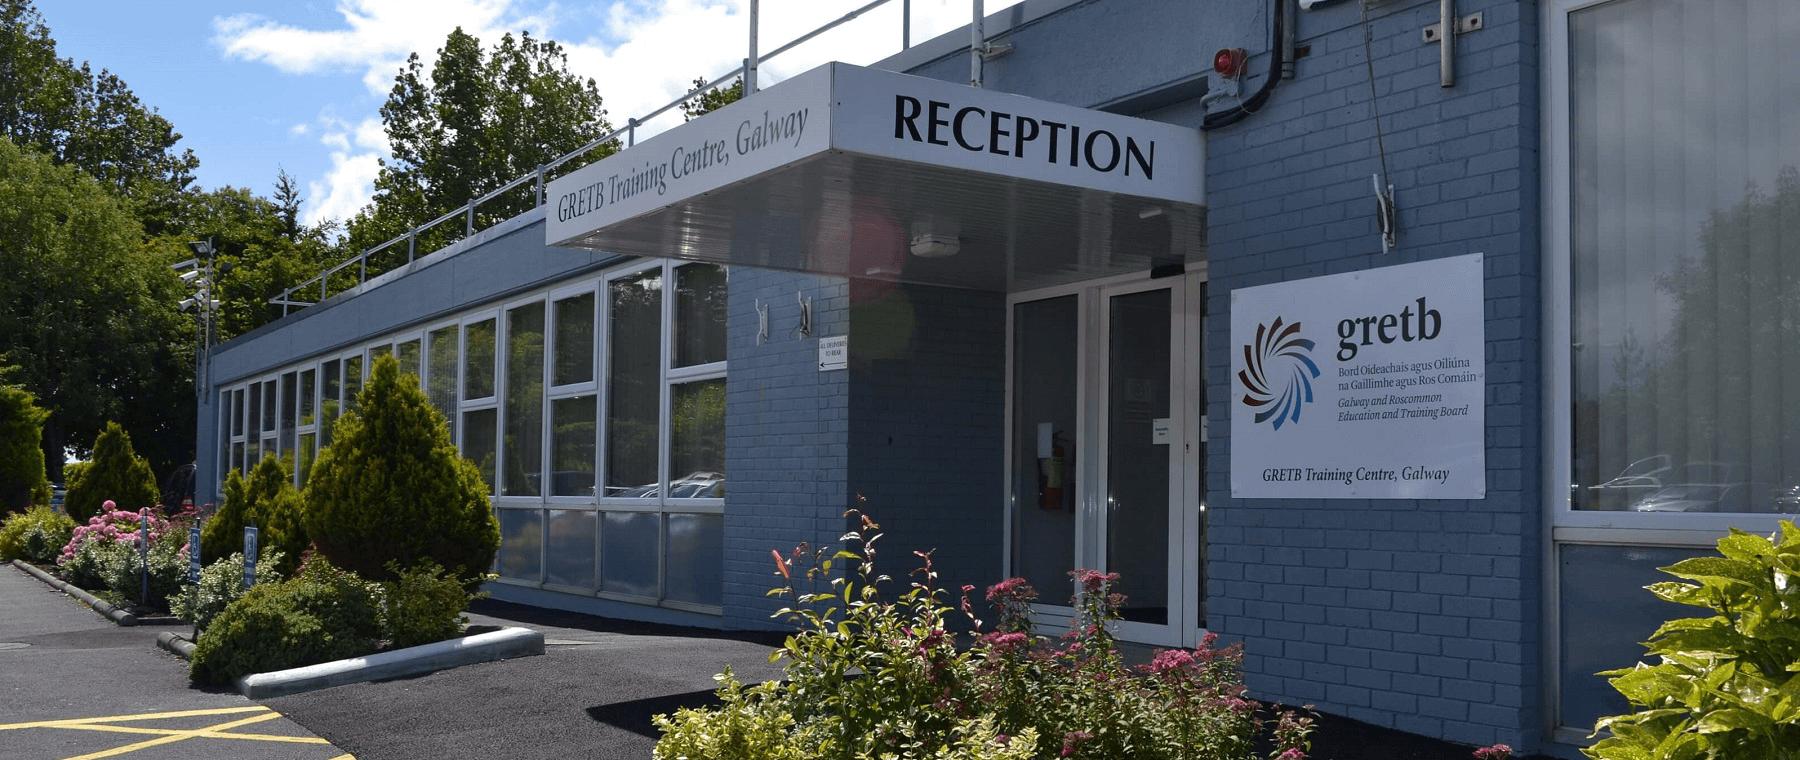 GRETB Training Centre Mervue Galway